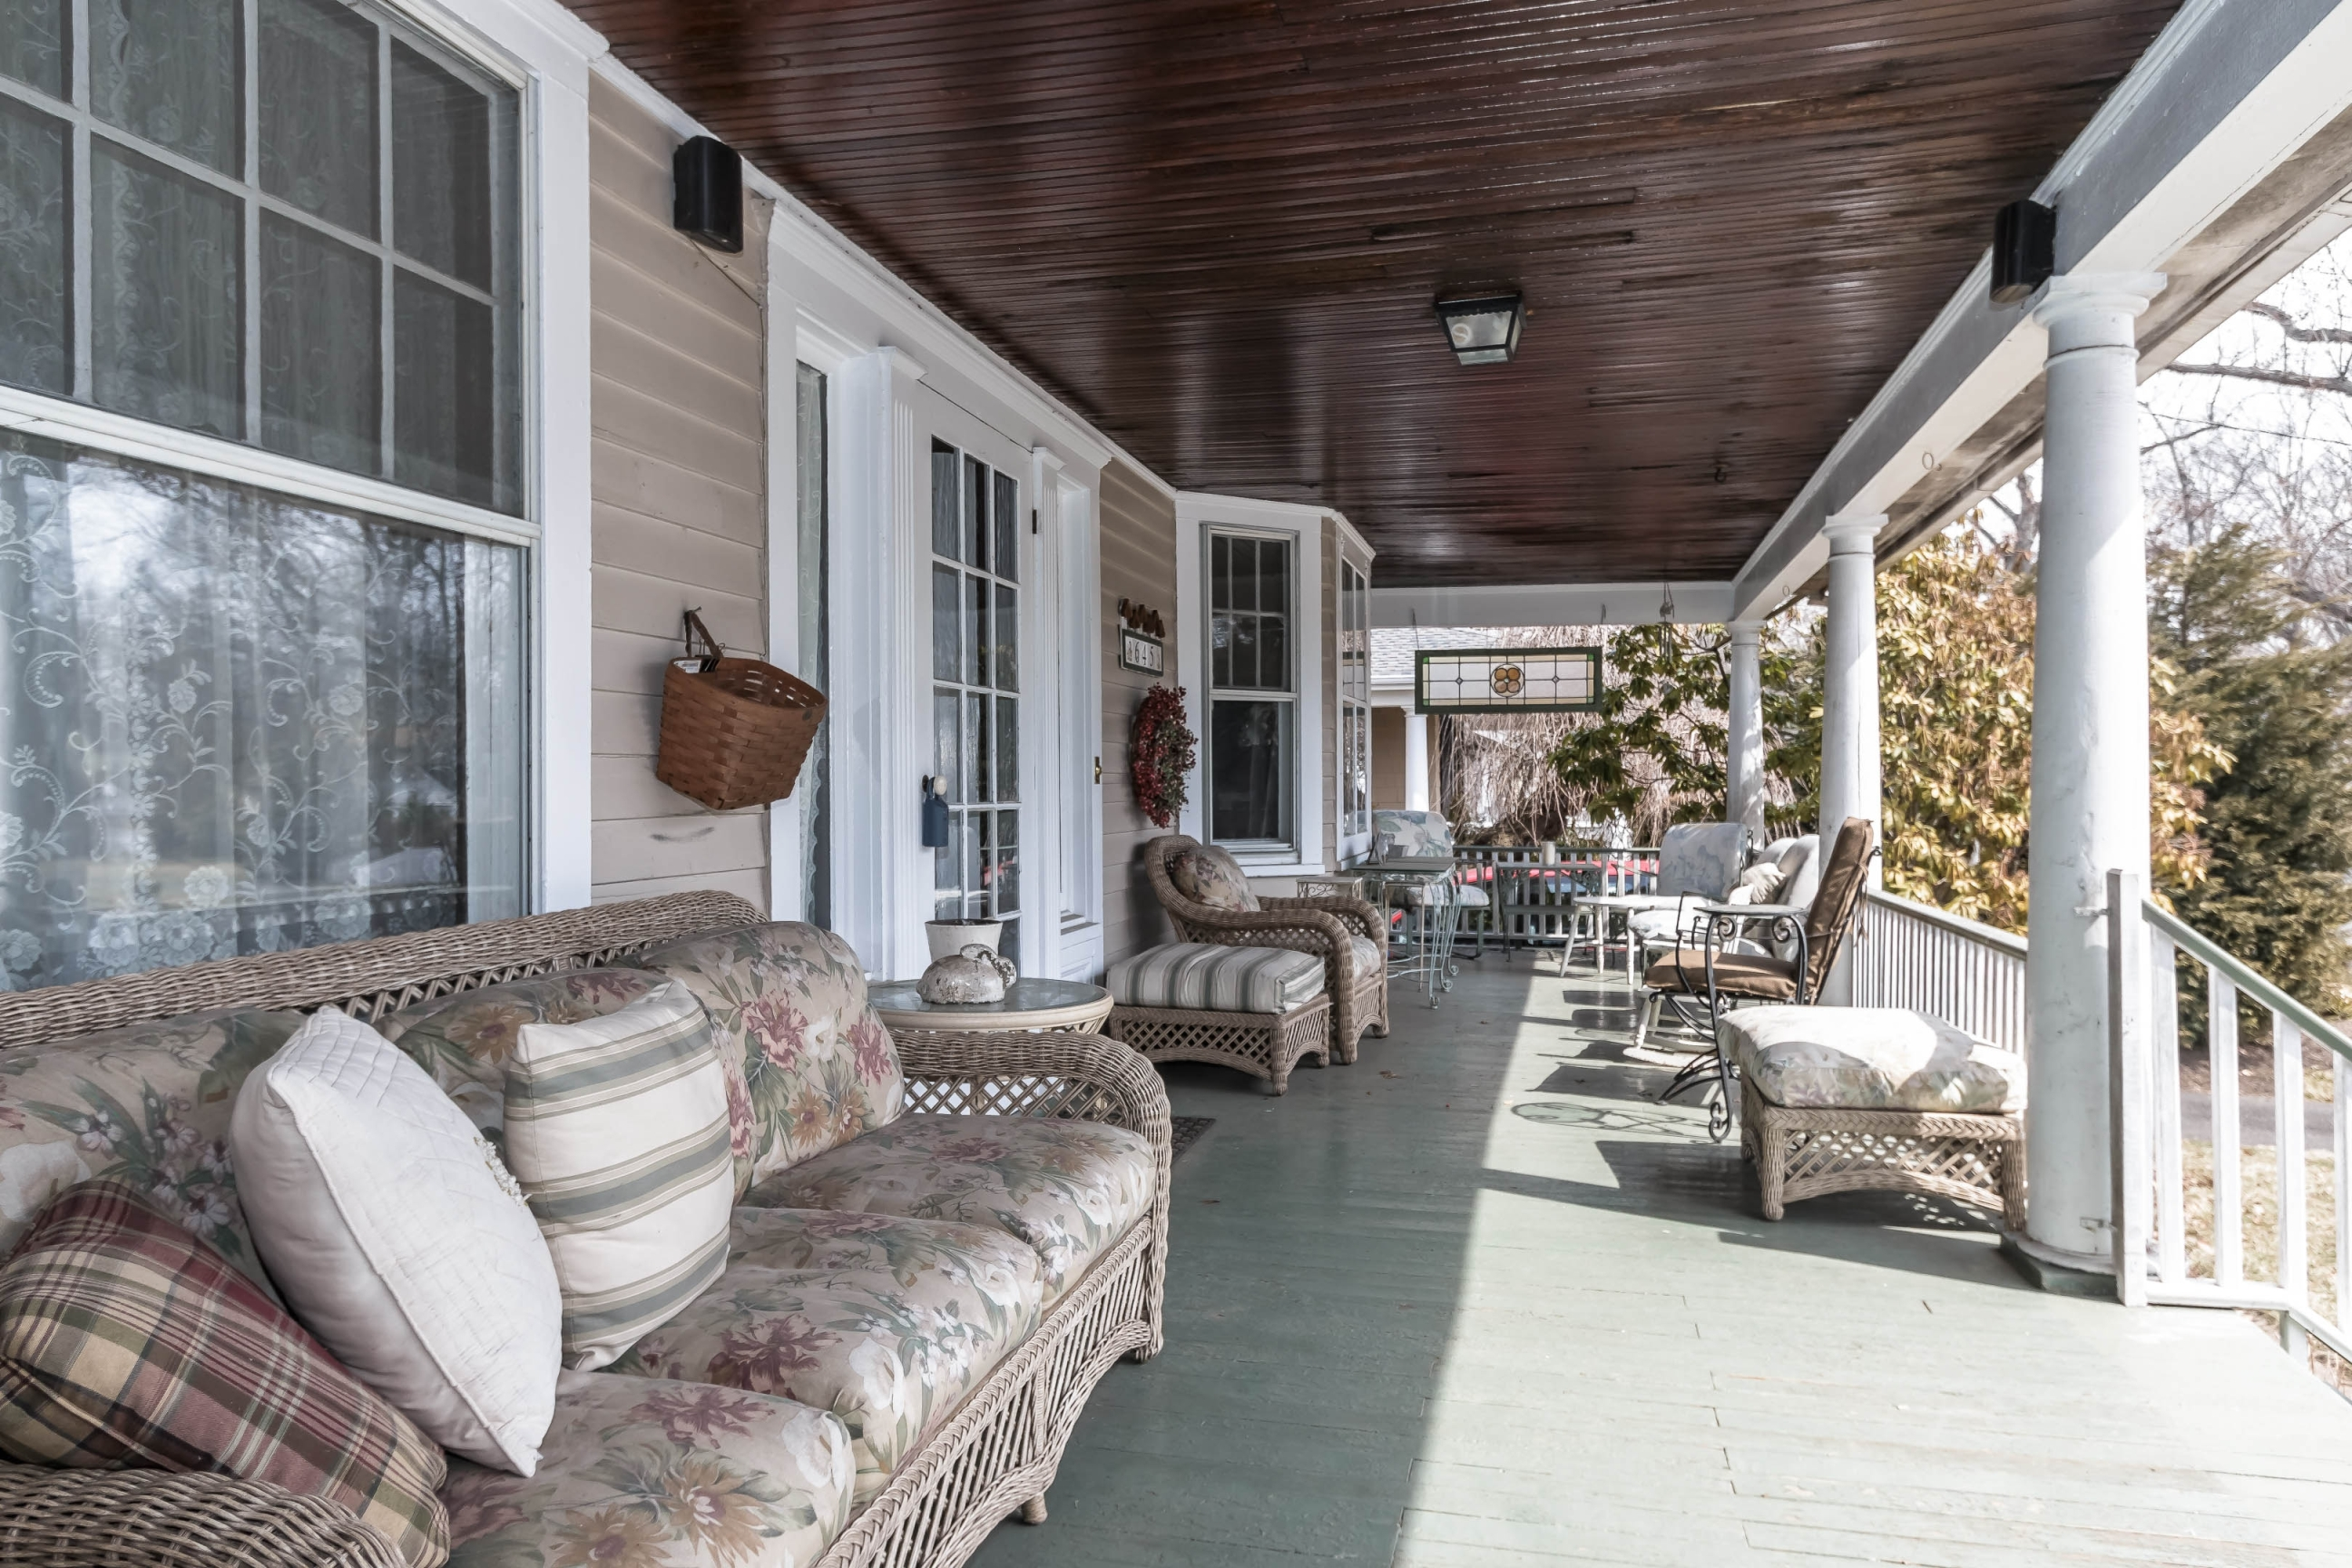 Original Porch